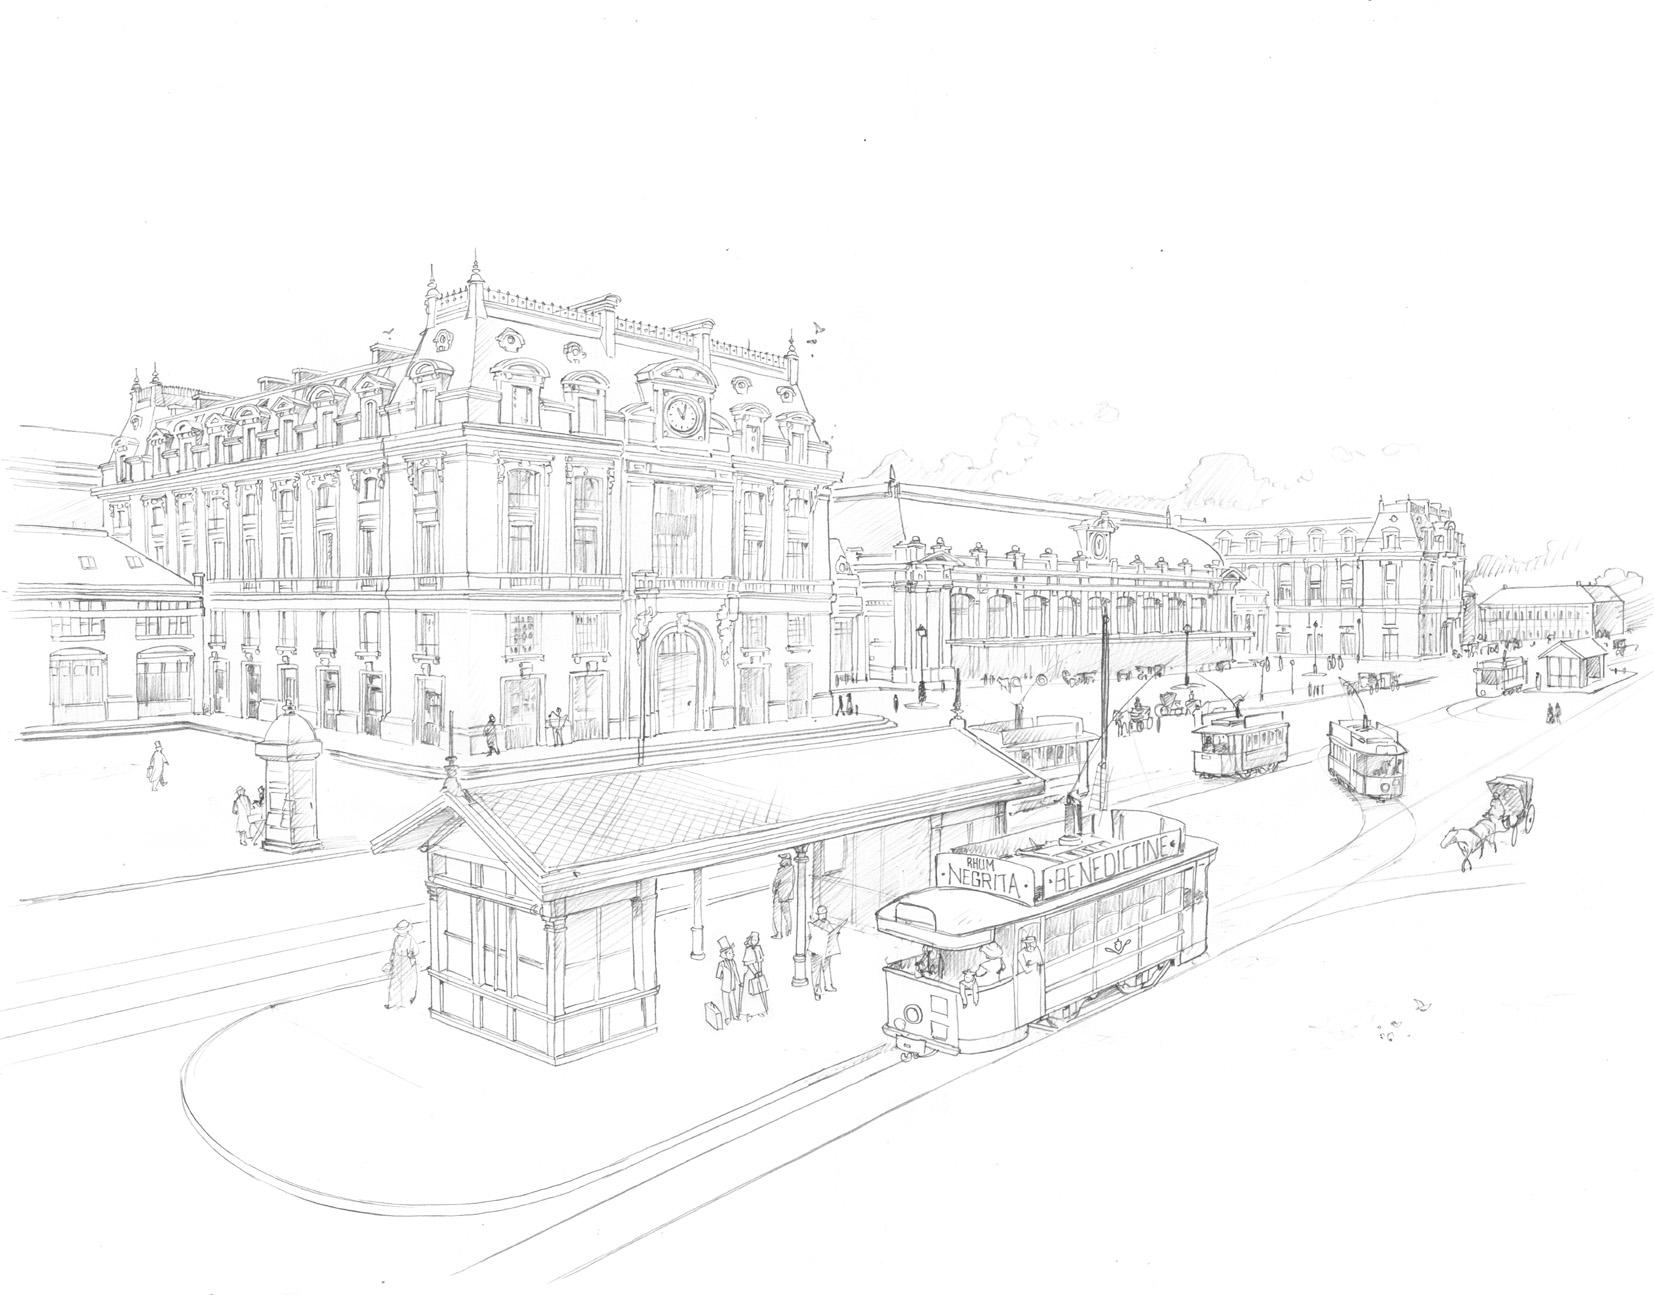 Deux décors typiquement bordelais : la gare Saint-Jean et le Grand Théâtre (Opéra National), sur la place de la Comédie.